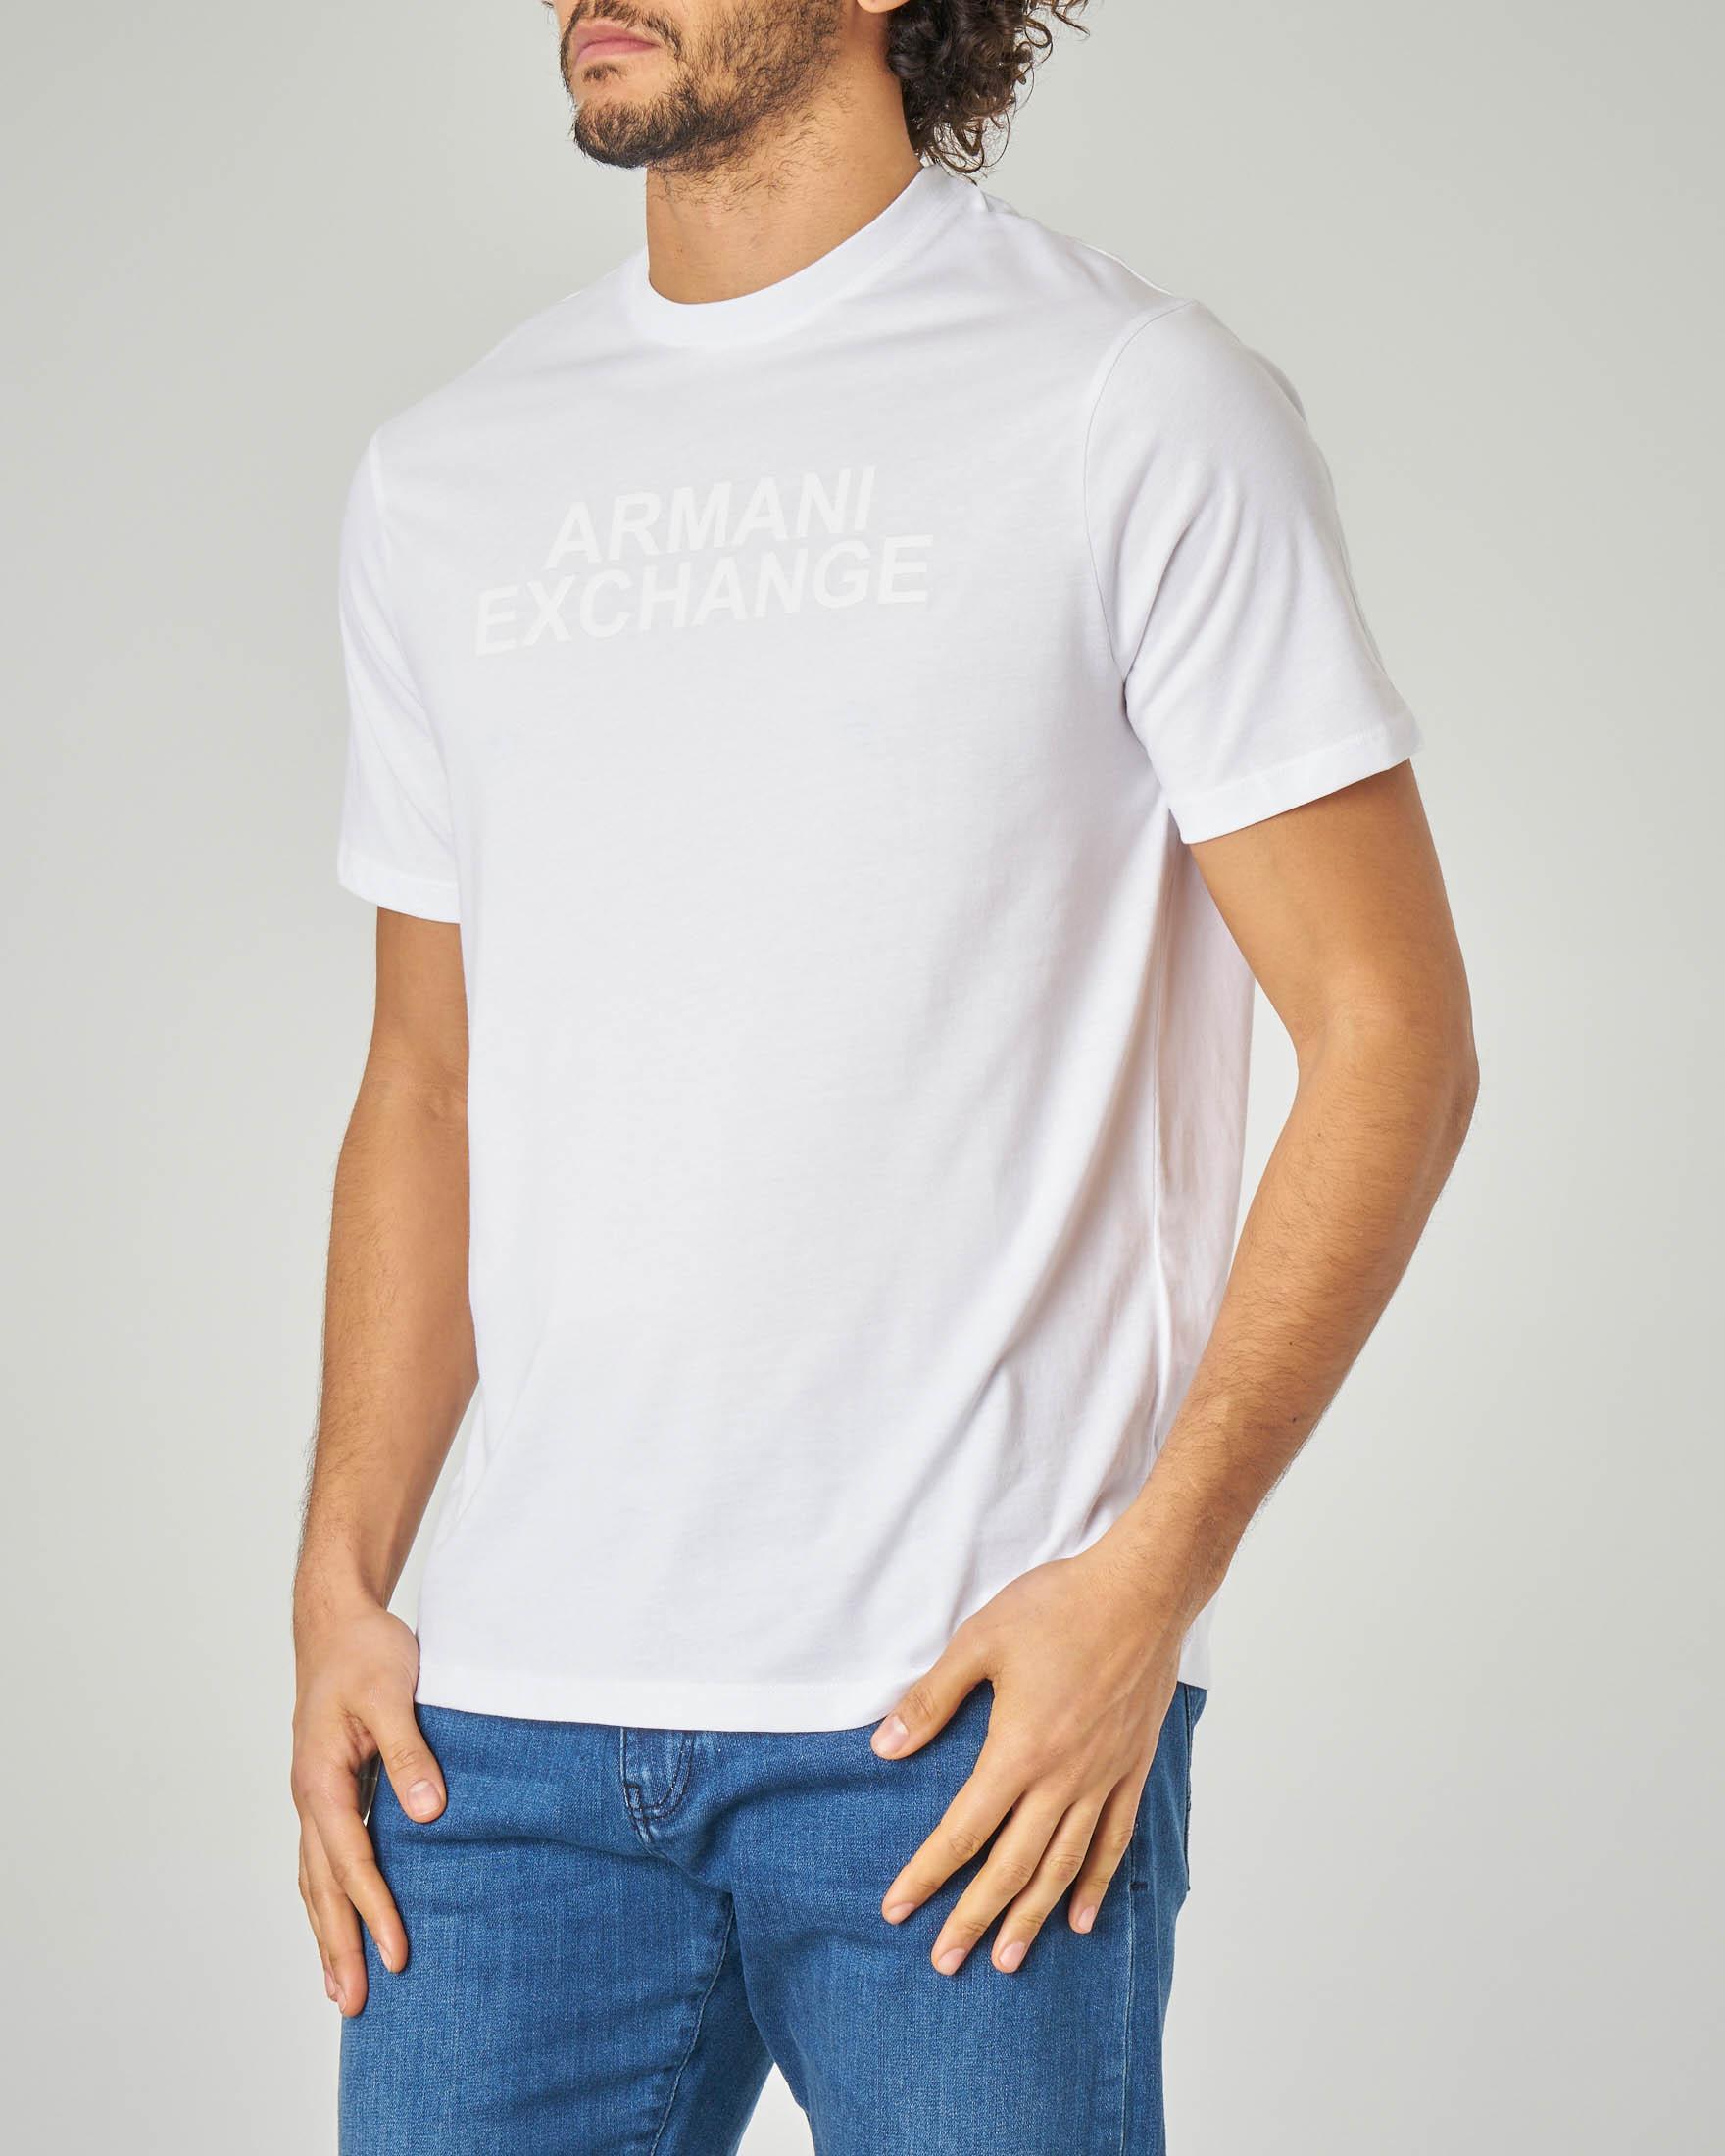 T-shirt bianca con stampa in rilievo tono su tono